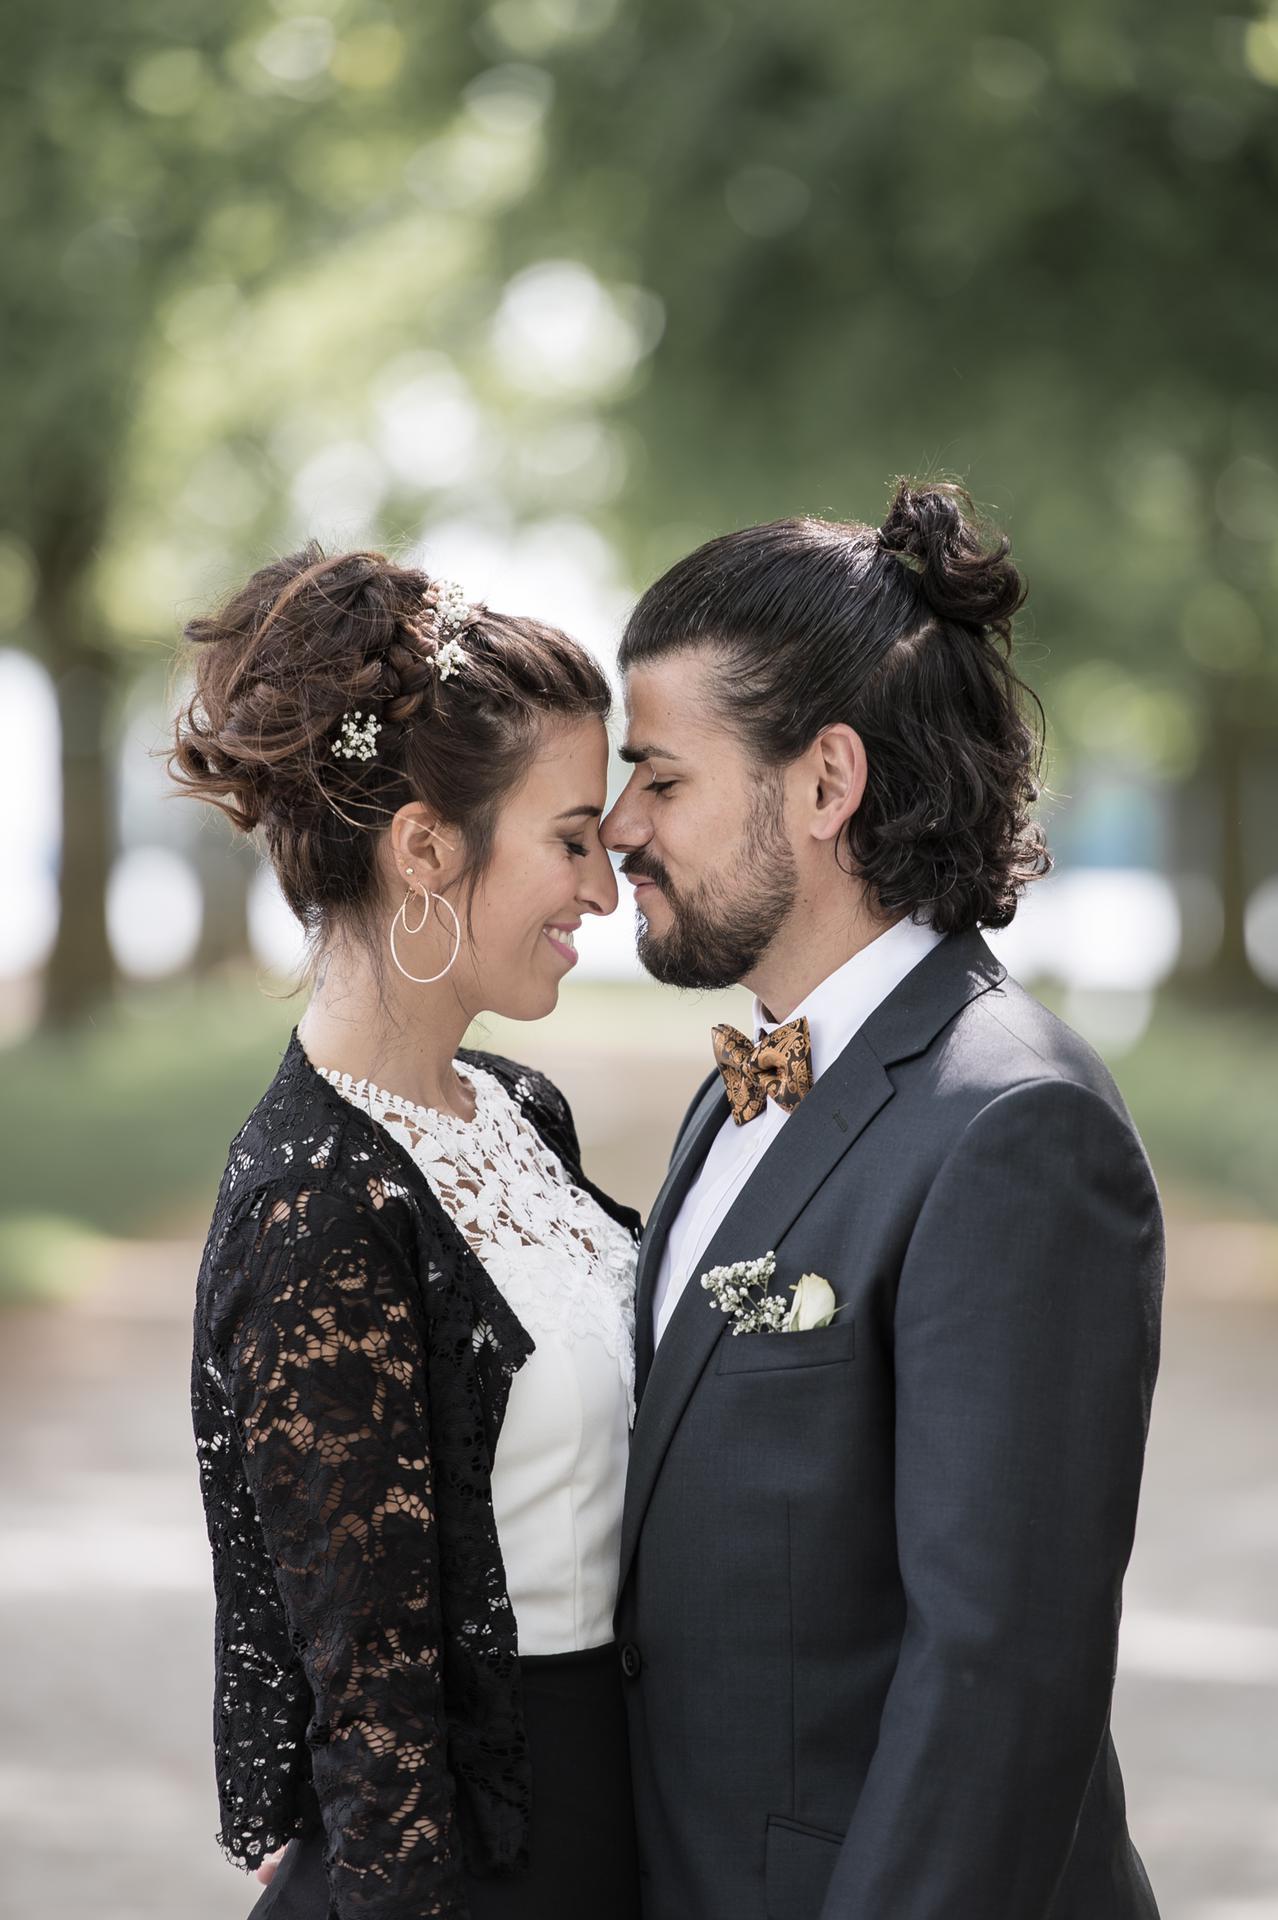 S&G - «Ce fût un plaisir de t'avoir comme photographe. Tu as su être discrète et prendre nos meilleures expressions sans rien orchestrer pendant la cérémonie. Avec ta sympathie, tu as su nous mettre à l'aise, nous faire sourire et capturer le meilleur de nous pour garder des souvenirs inoubliables. Nous recommandons dans tous les cas pour un mariage et pour le reste… affaire à suivre!»